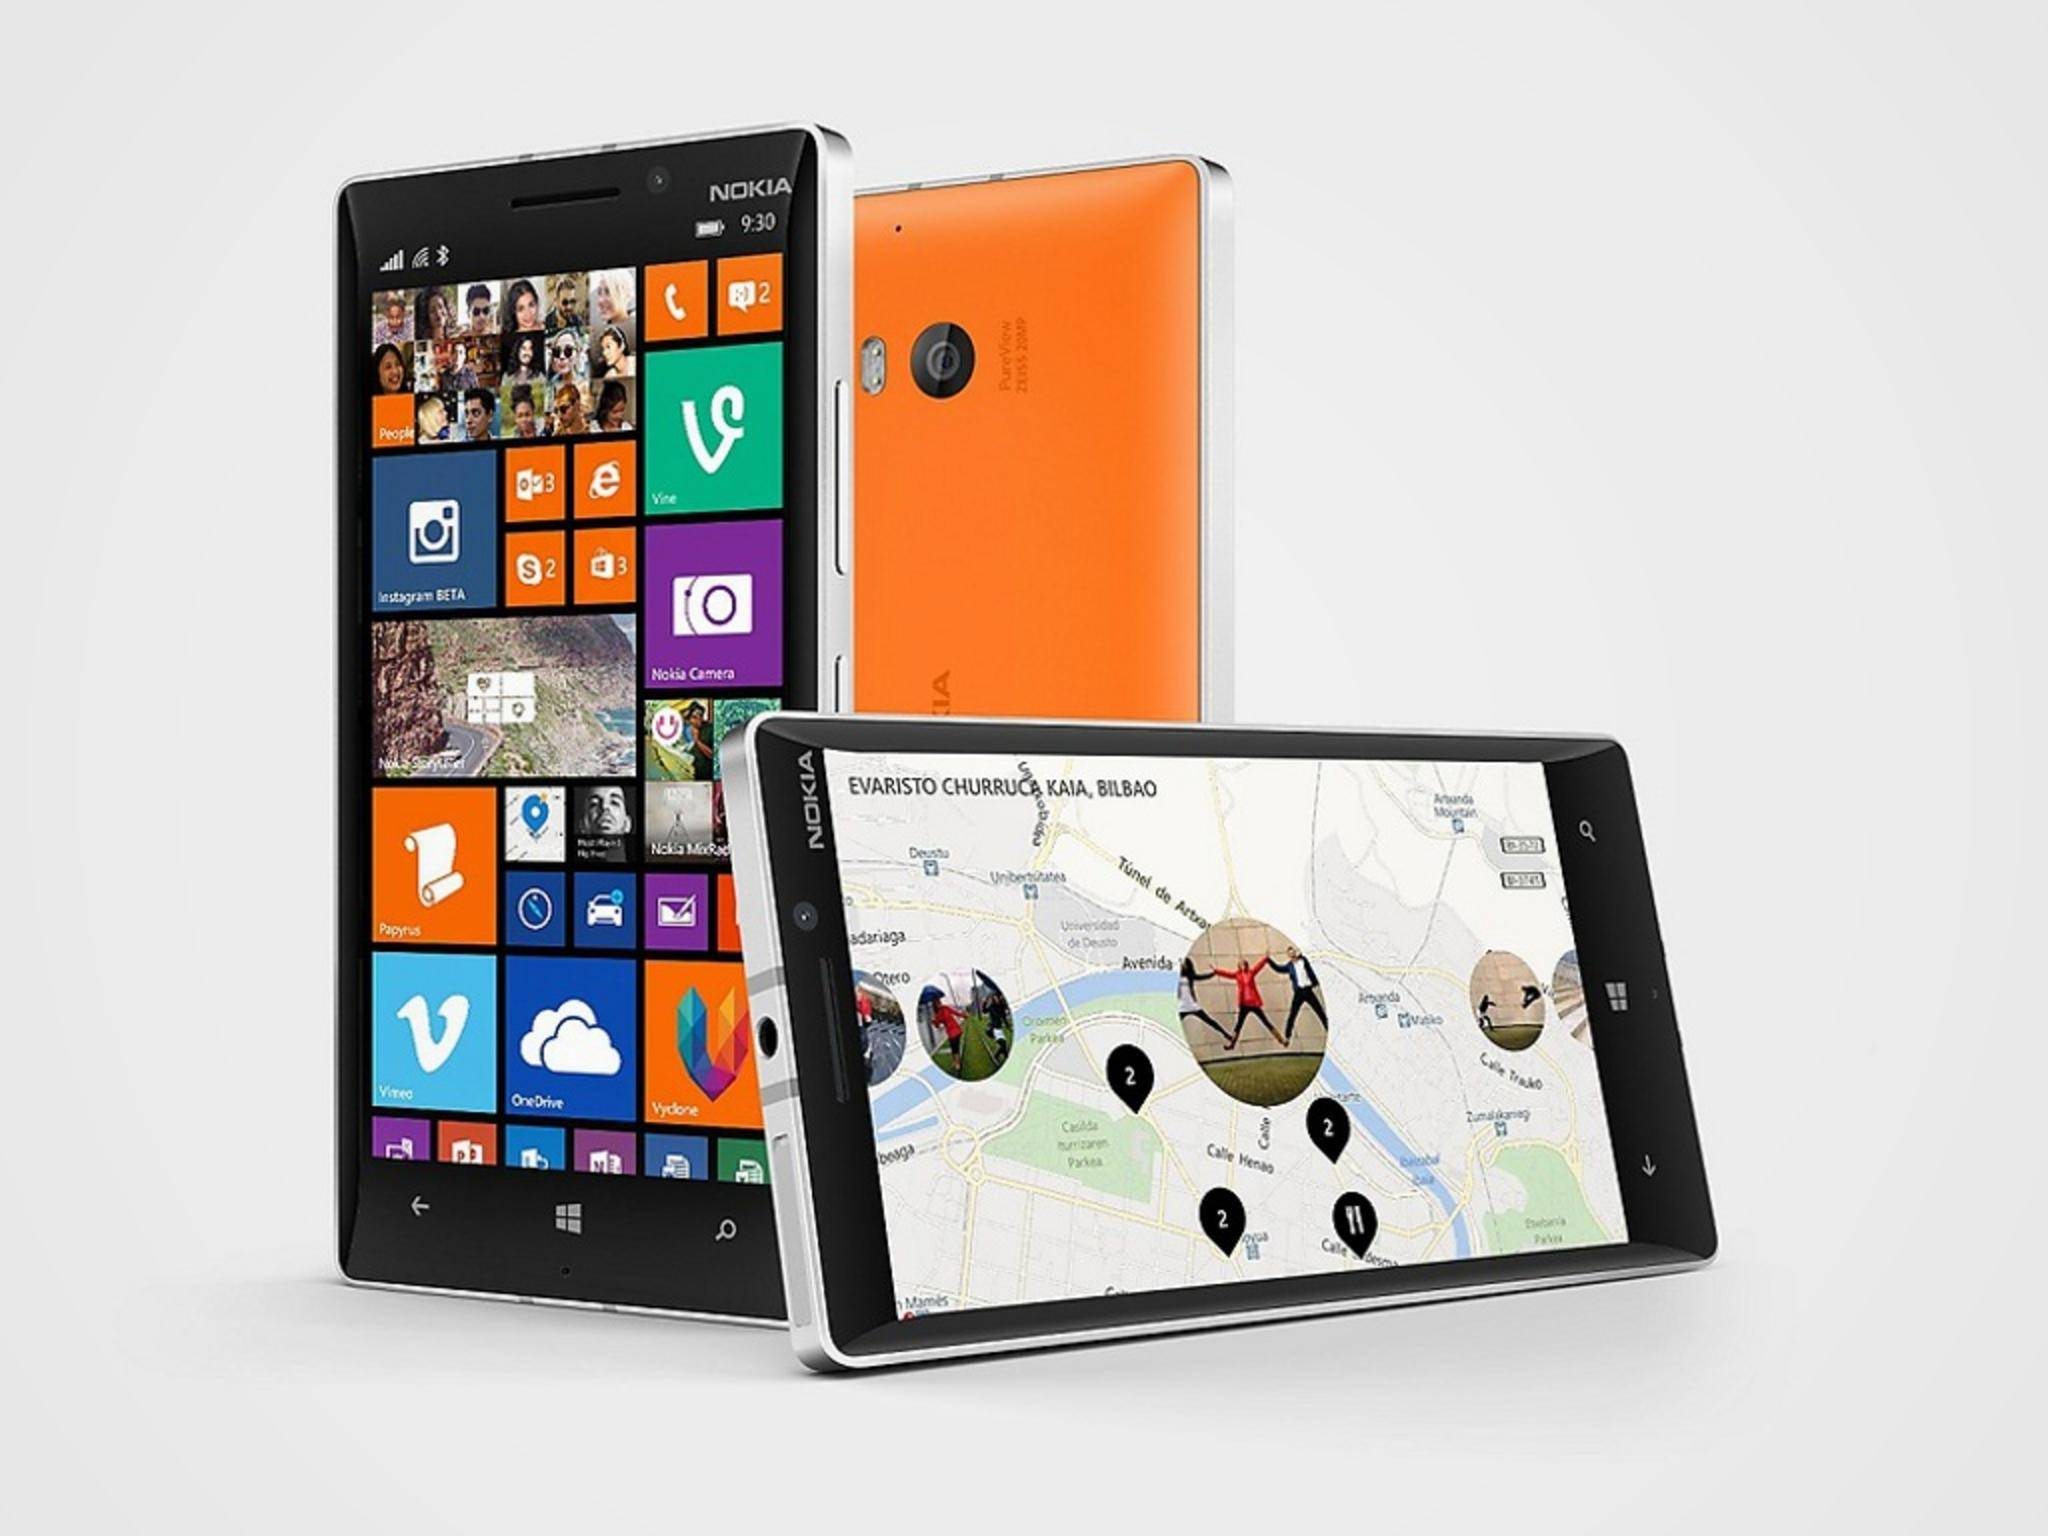 Geht als Sieger aus dem Test hervor: das Nokia Lumia 930.